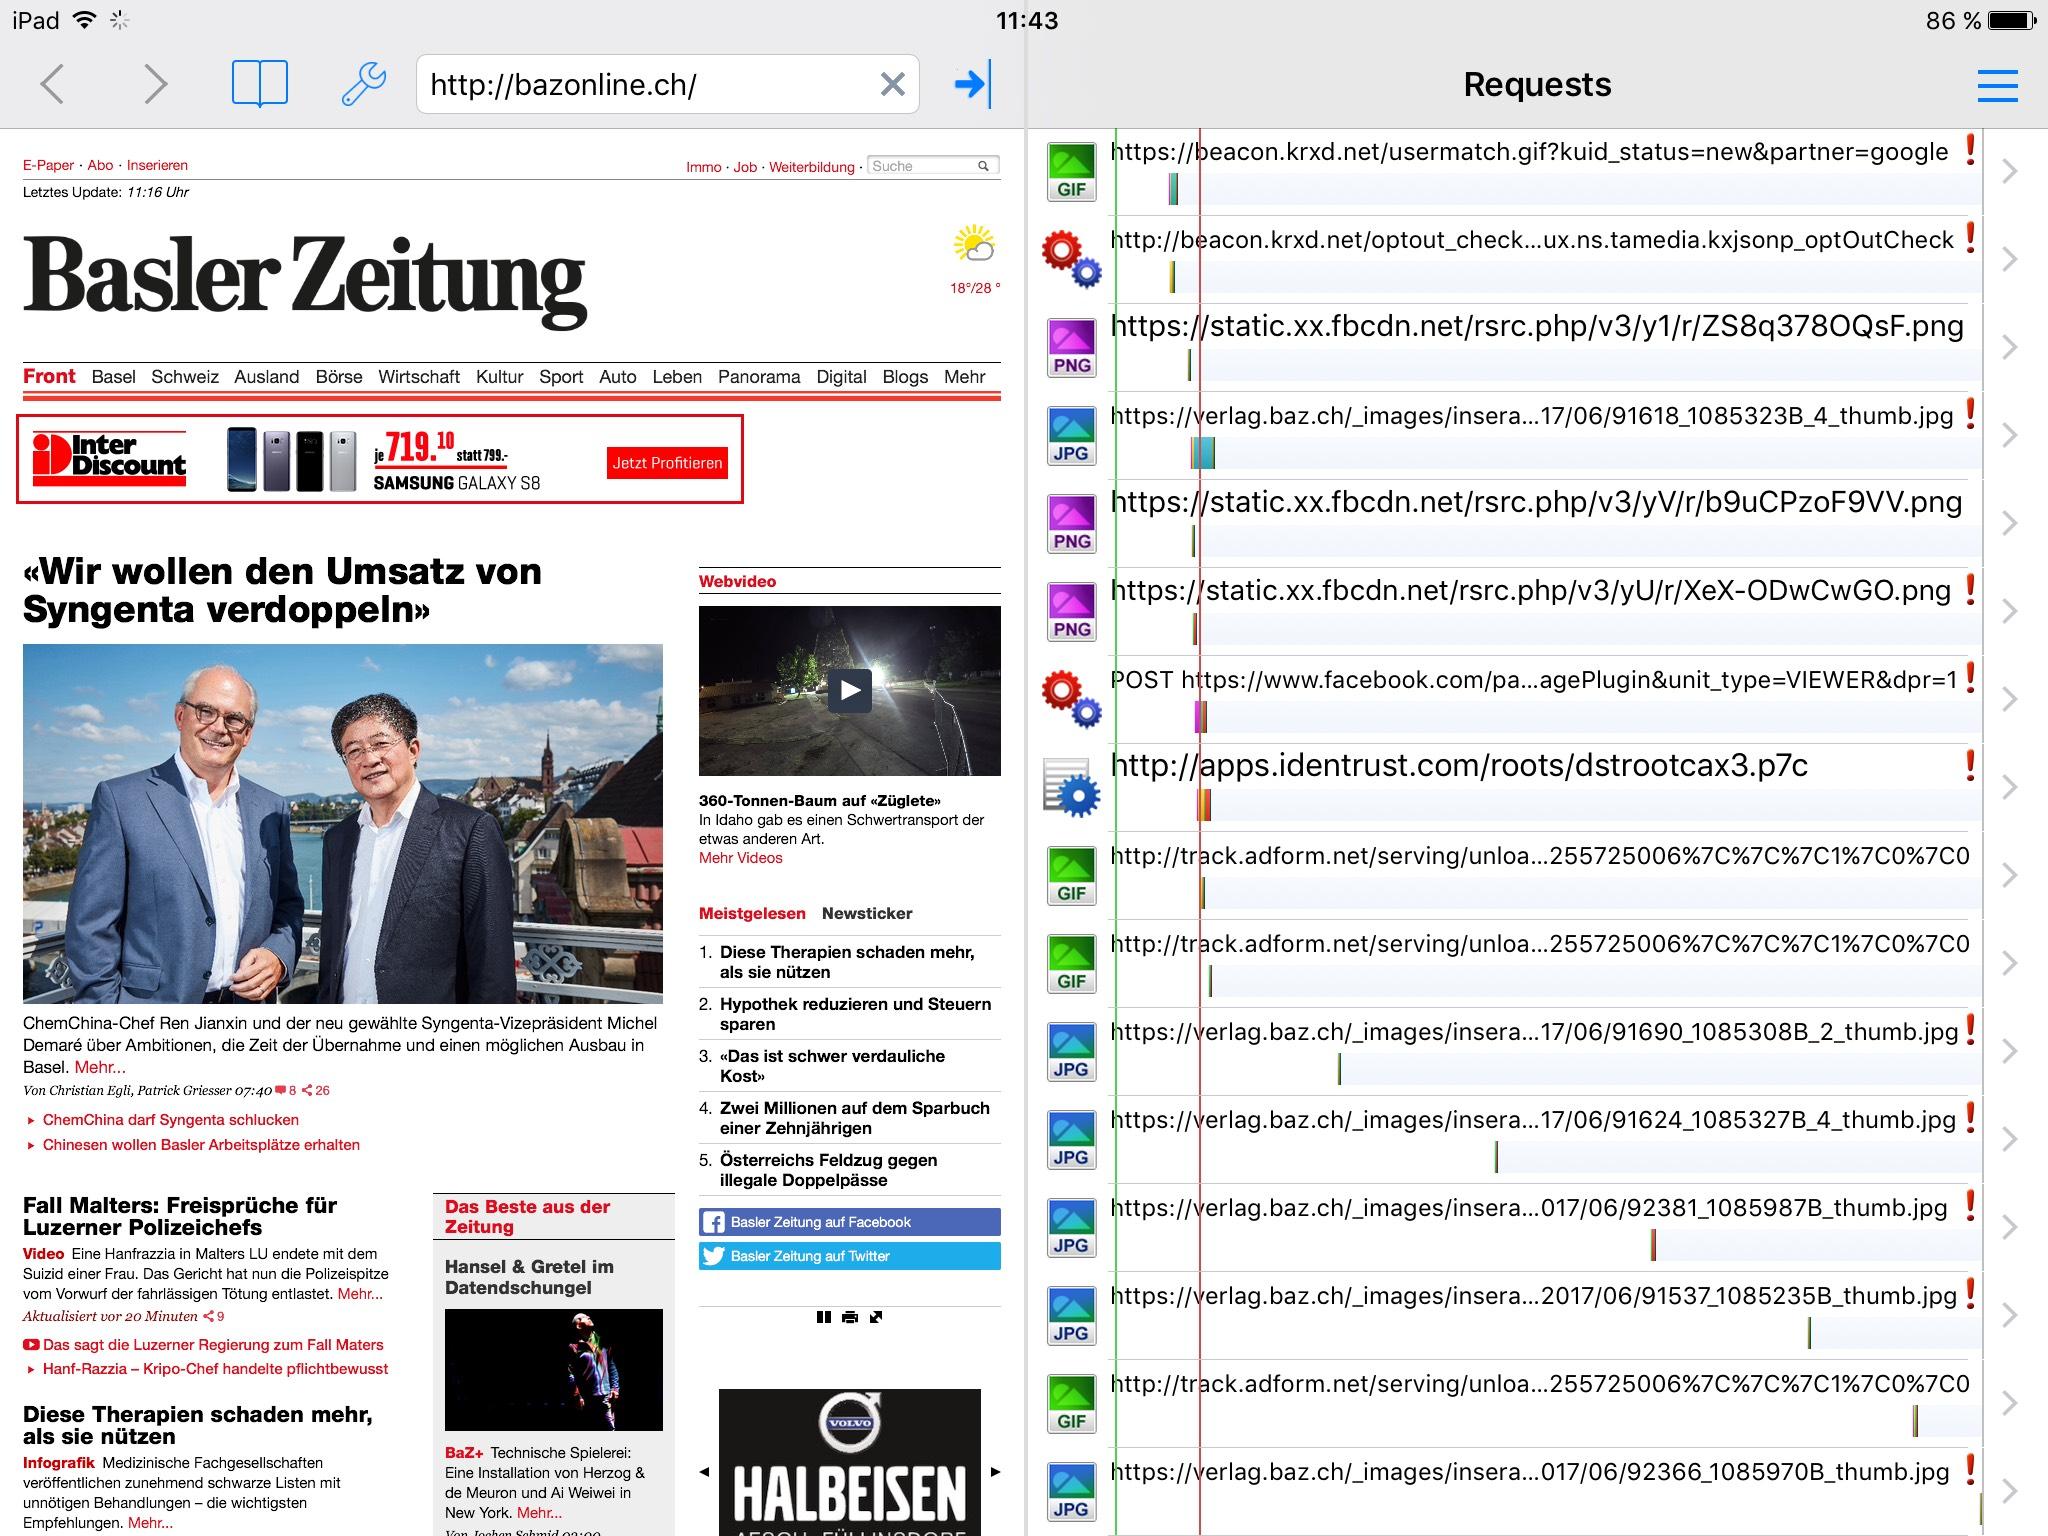 Webdebugging mit httpWatch